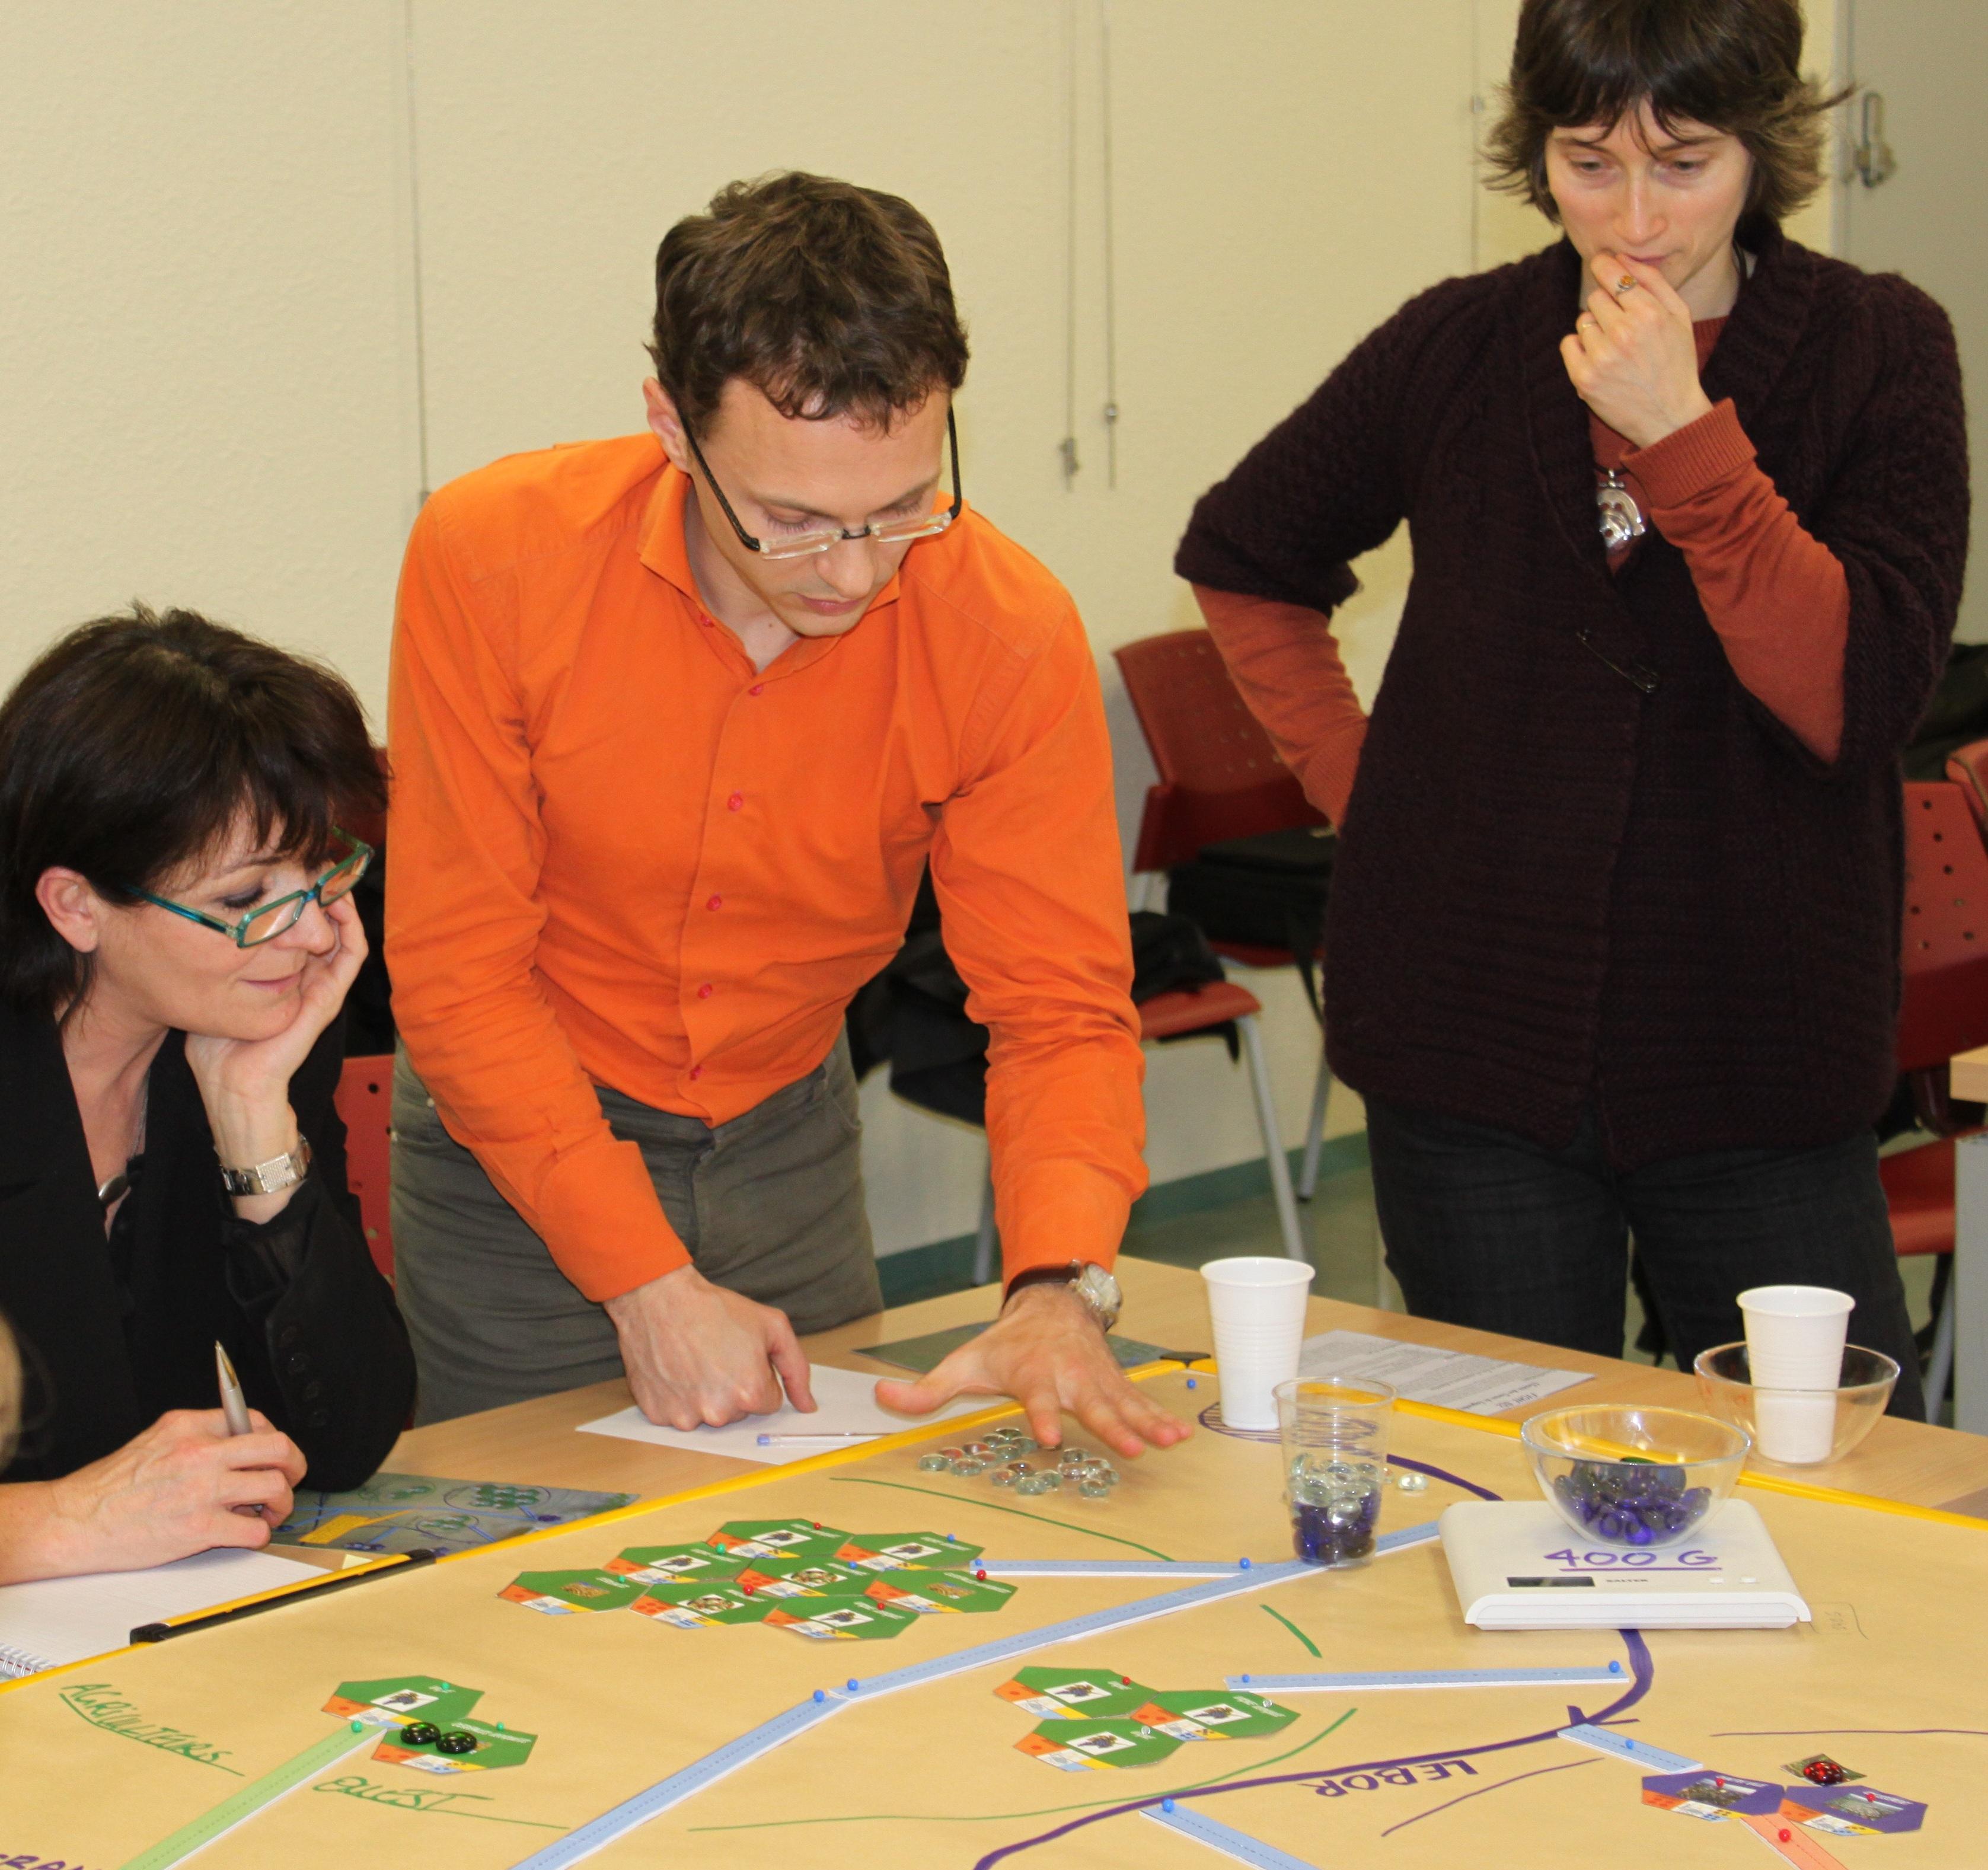 2011 test jeu de rôles SIMULEAU sur gouvernance de l'eau à l'échelle interSAGE